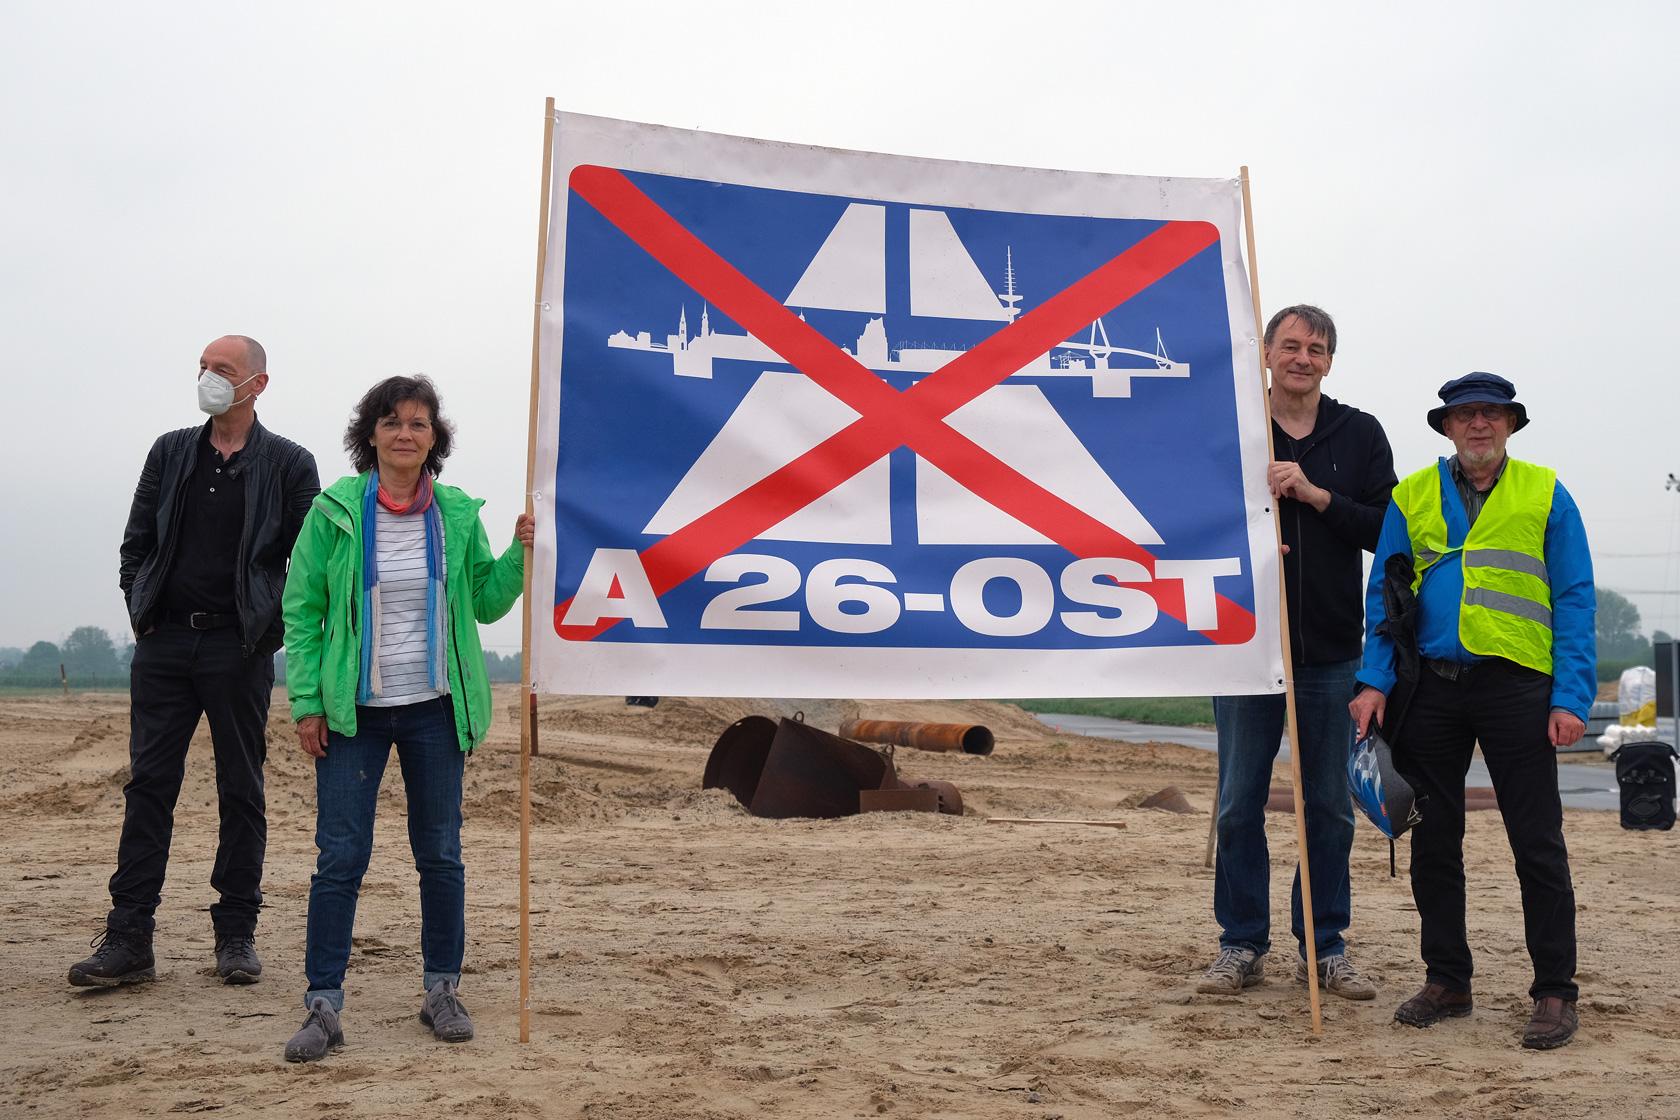 Demo gegen die A26 Ost